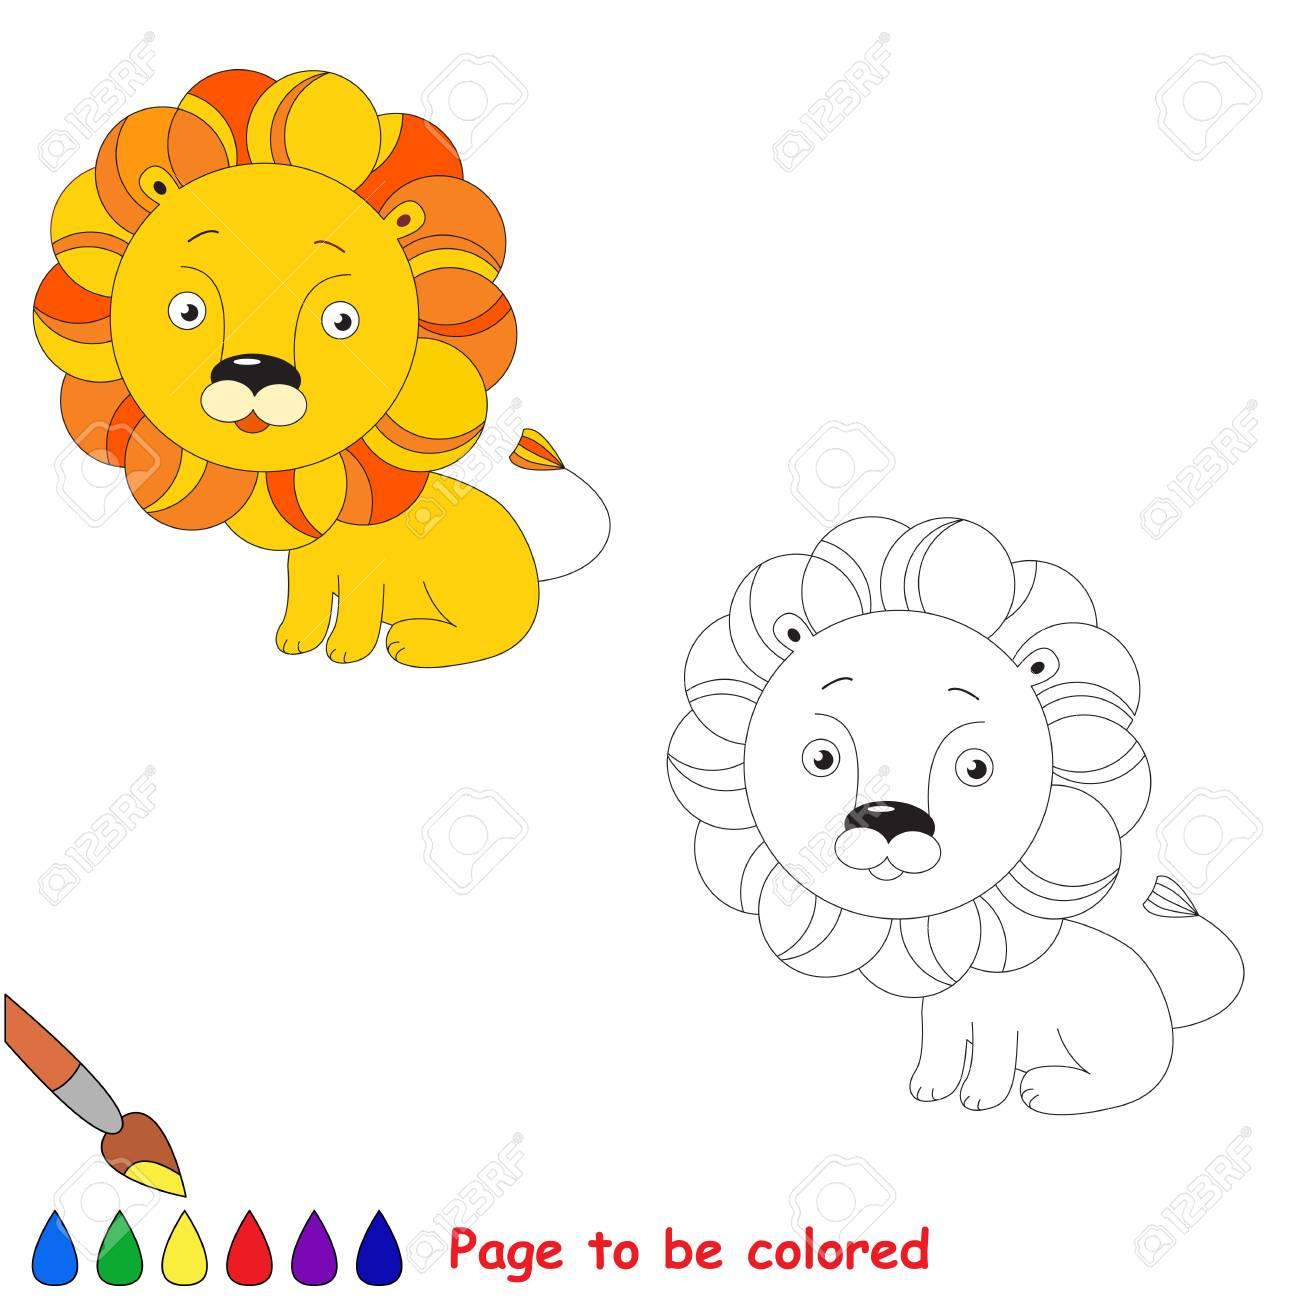 Orange Lion Jouet. Jeu Kid. Livre De Coloriage. Tâche D'être La Couleur.  Pour Les Enfants À Jouer. concernant Photo De Lion A Imprimer En Couleur